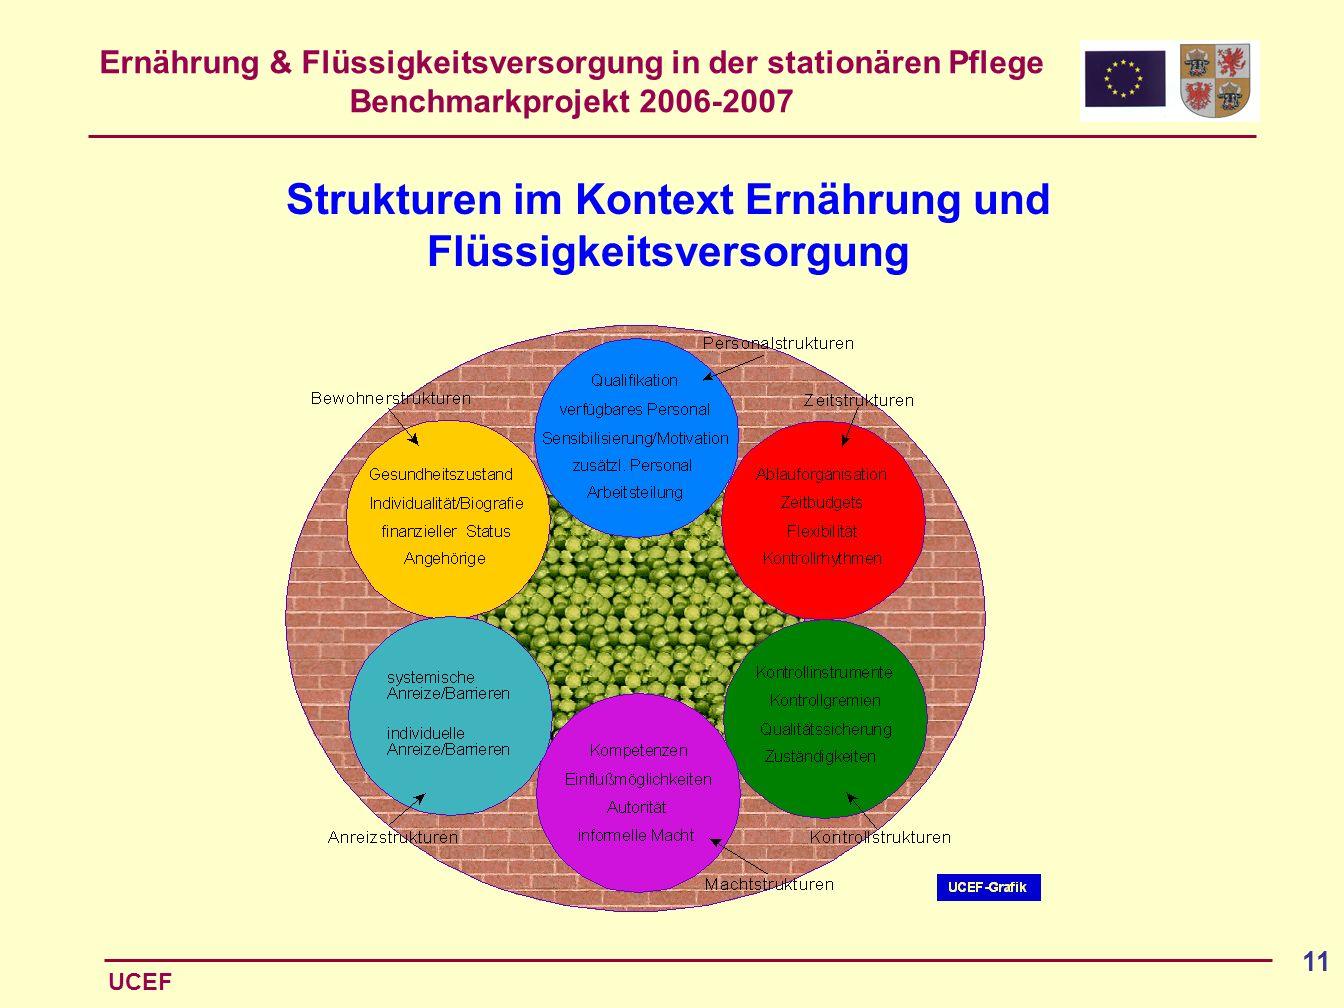 Strukturen im Kontext Ernährung und Flüssigkeitsversorgung